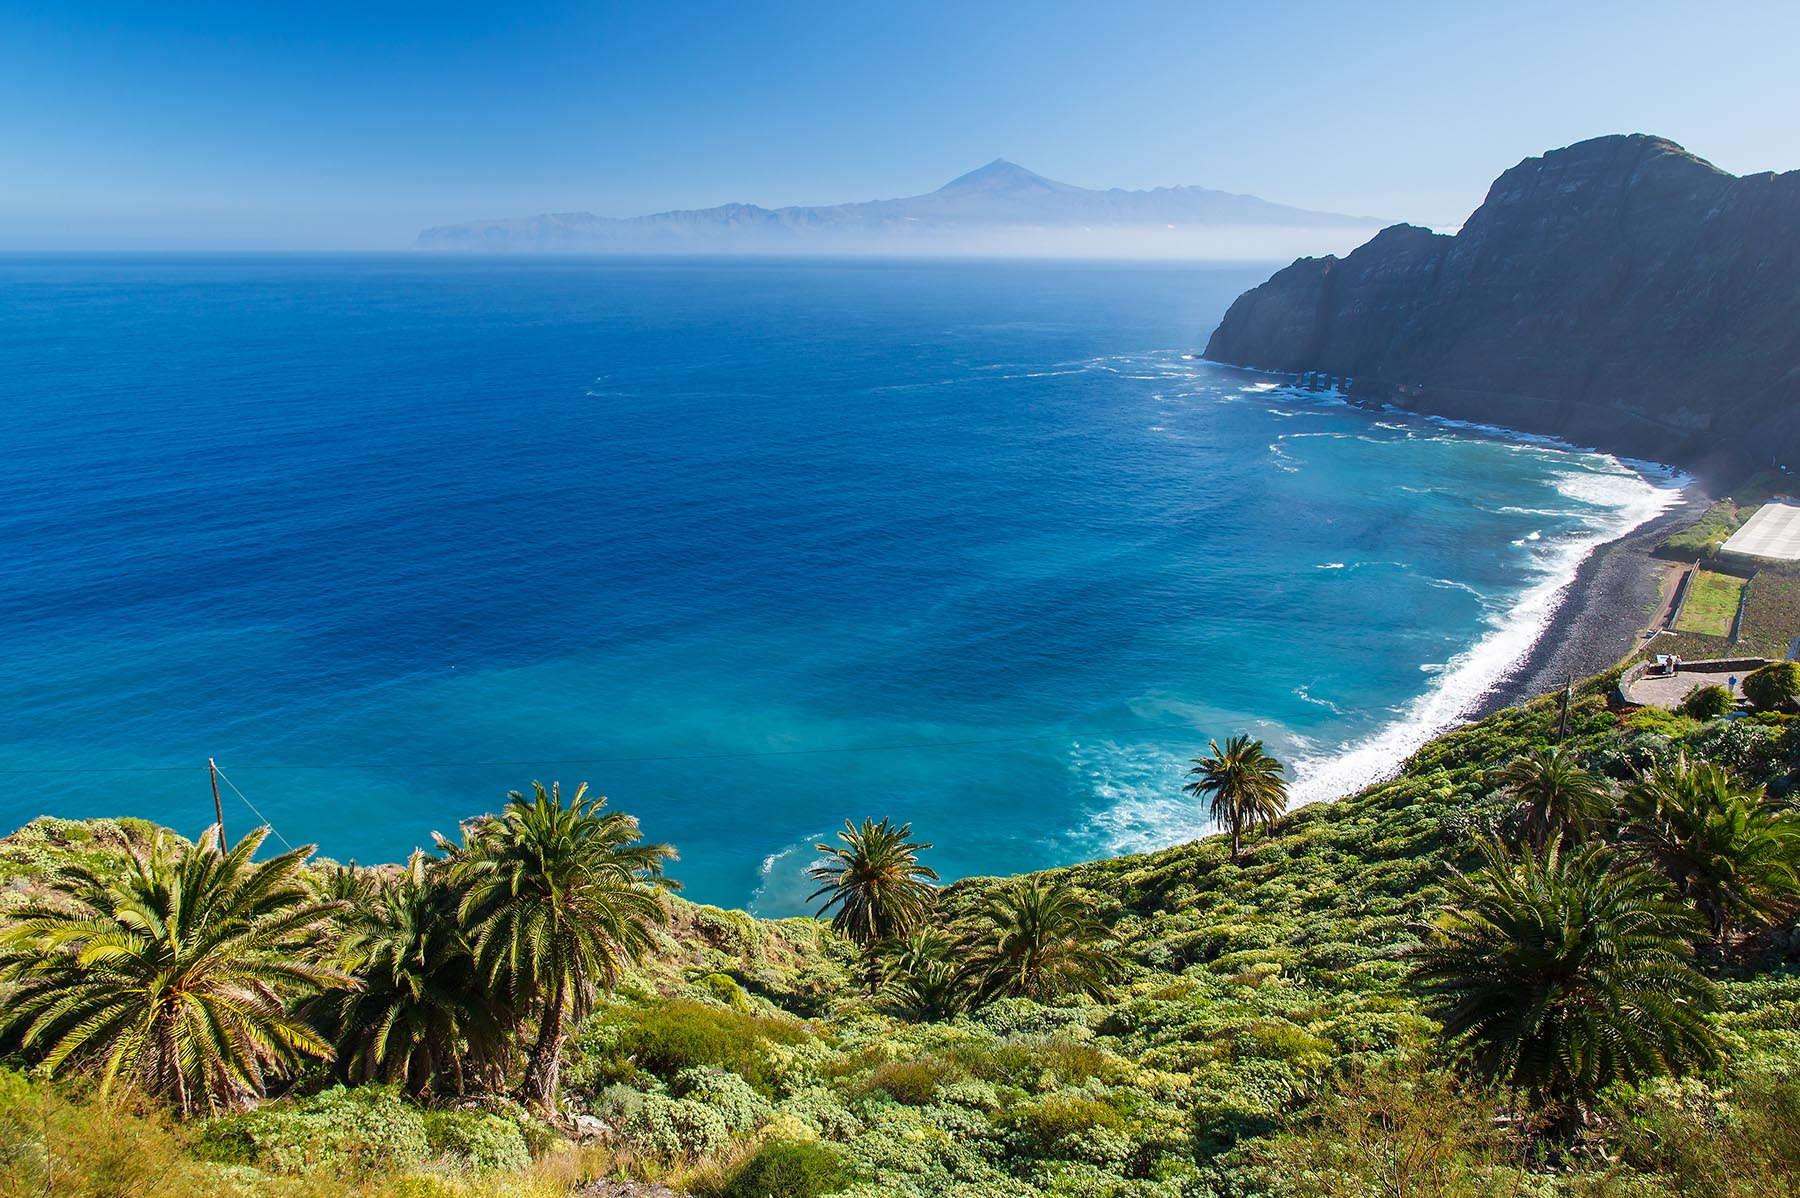 купить путевки на остров тенерифе